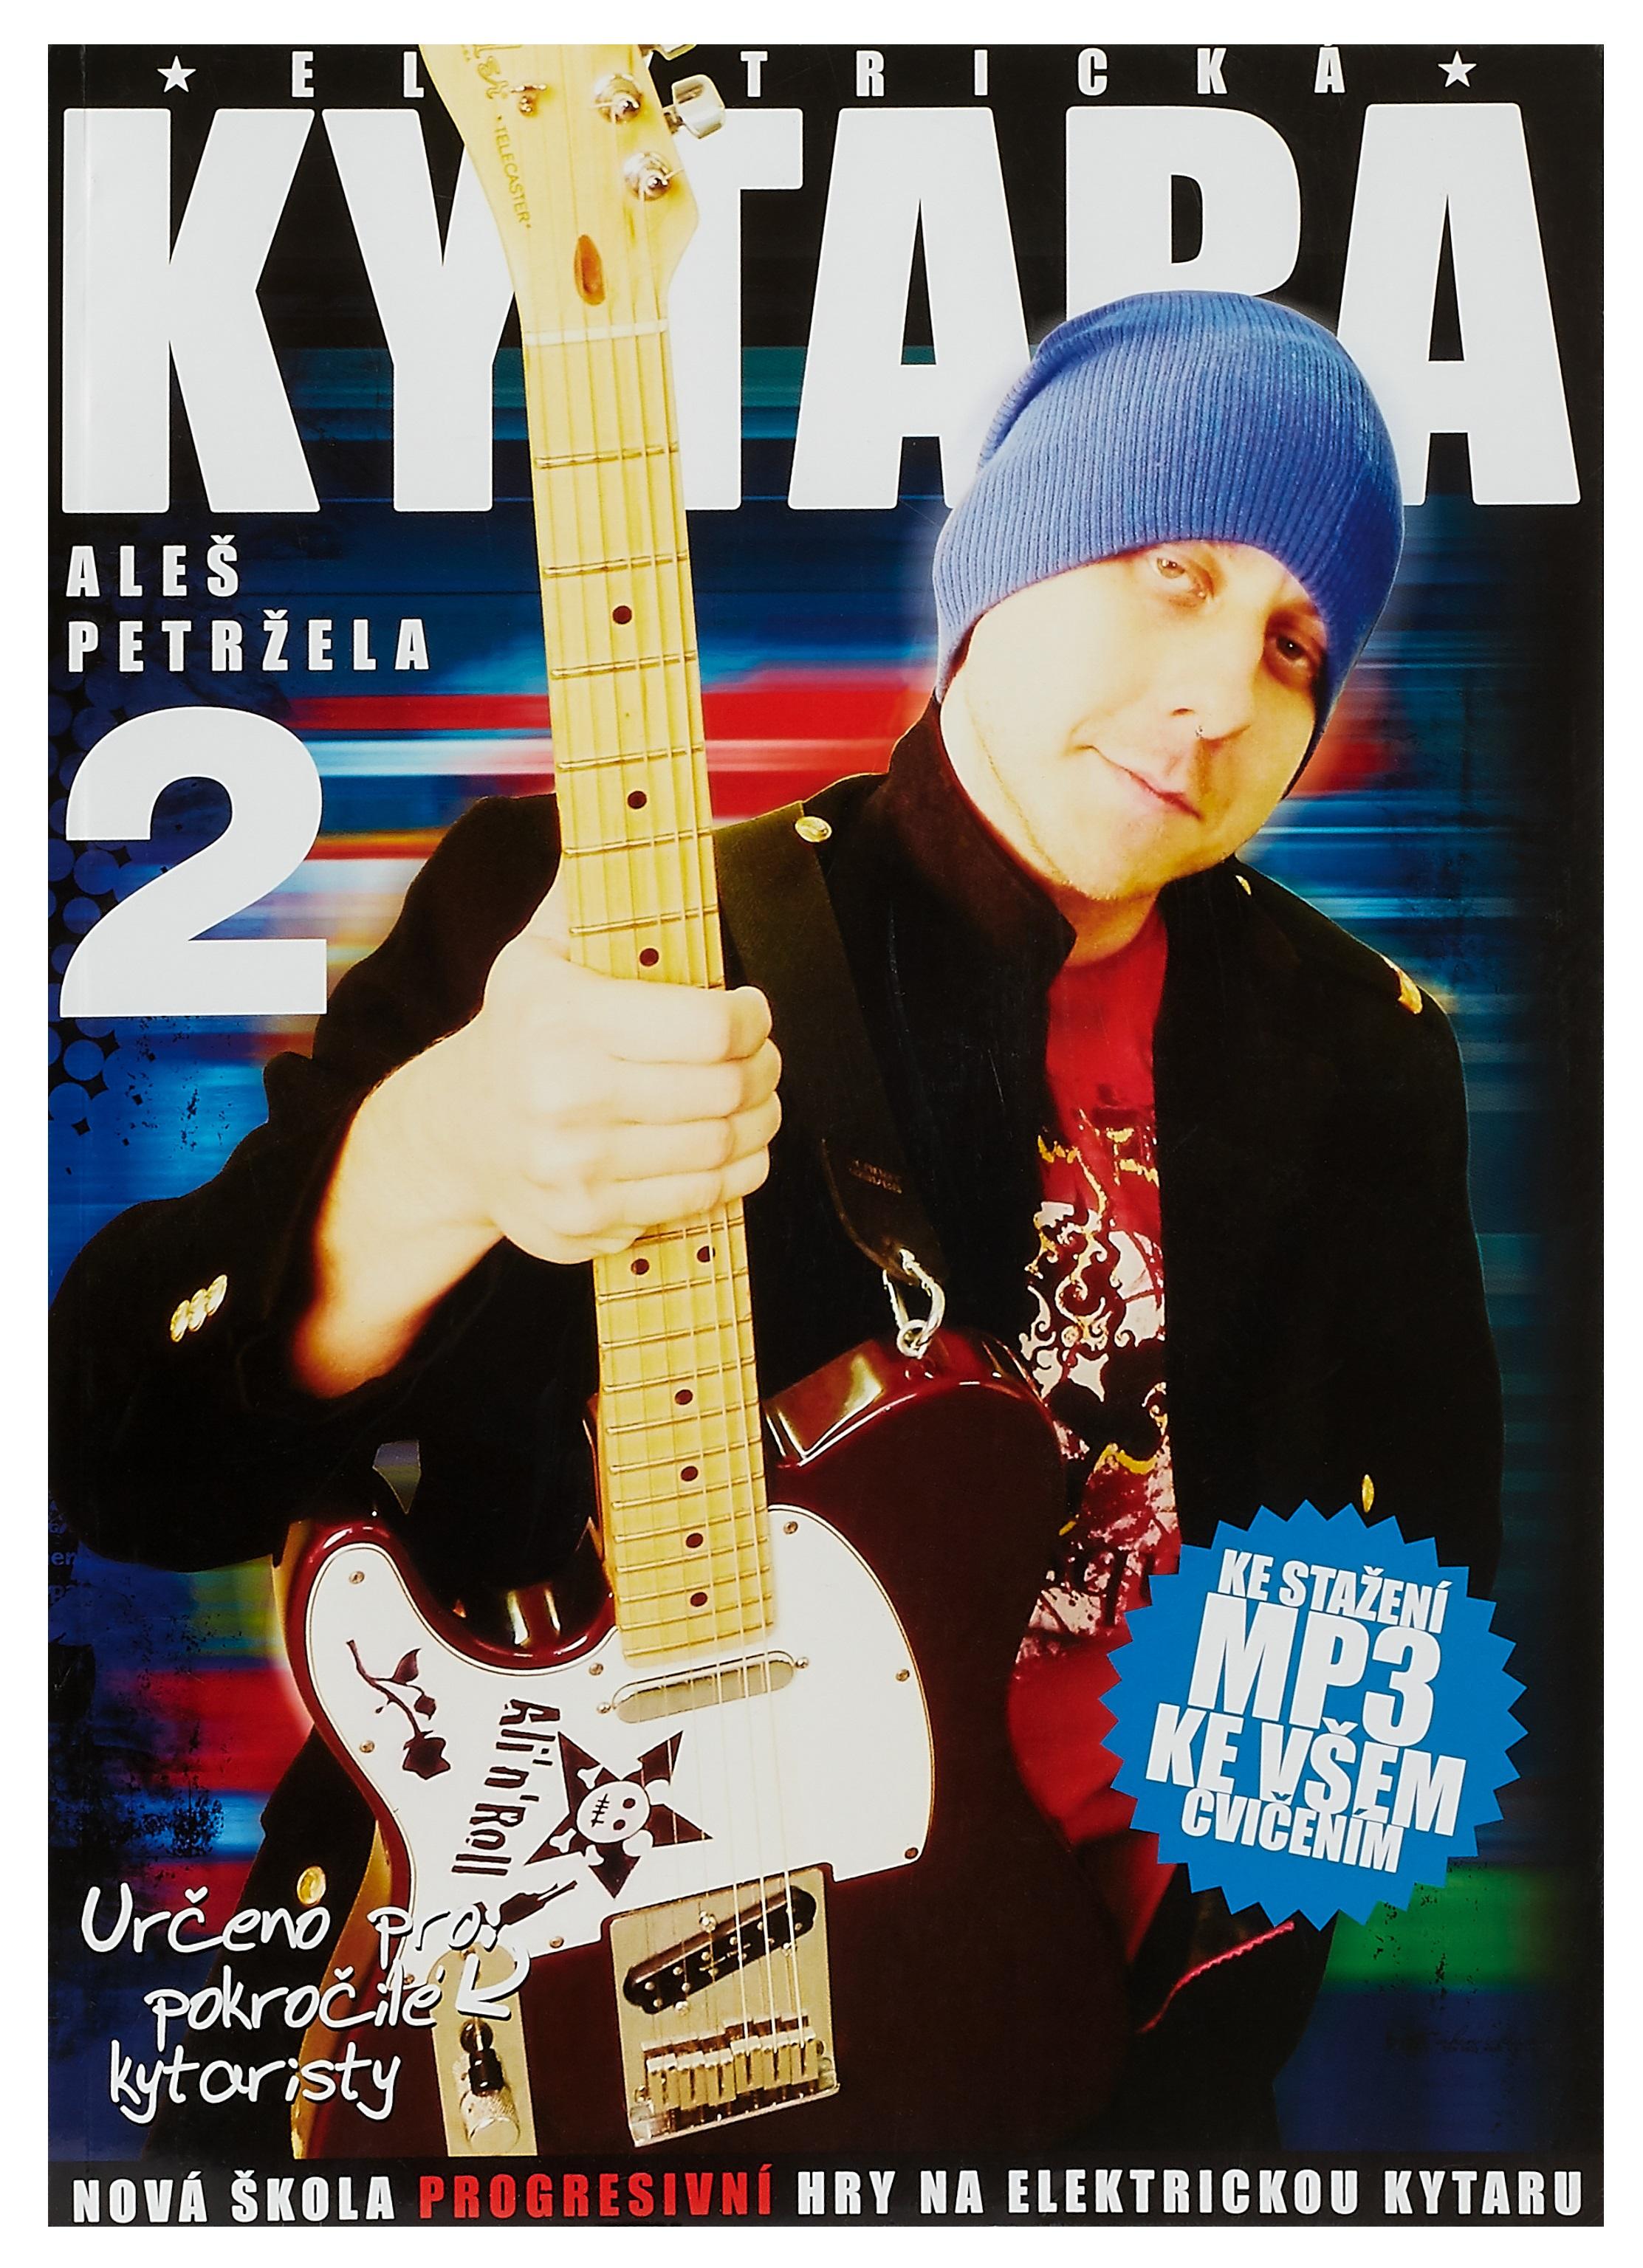 Fotografie Muzikus Elektrická kytara 2 - Aleš Petržela